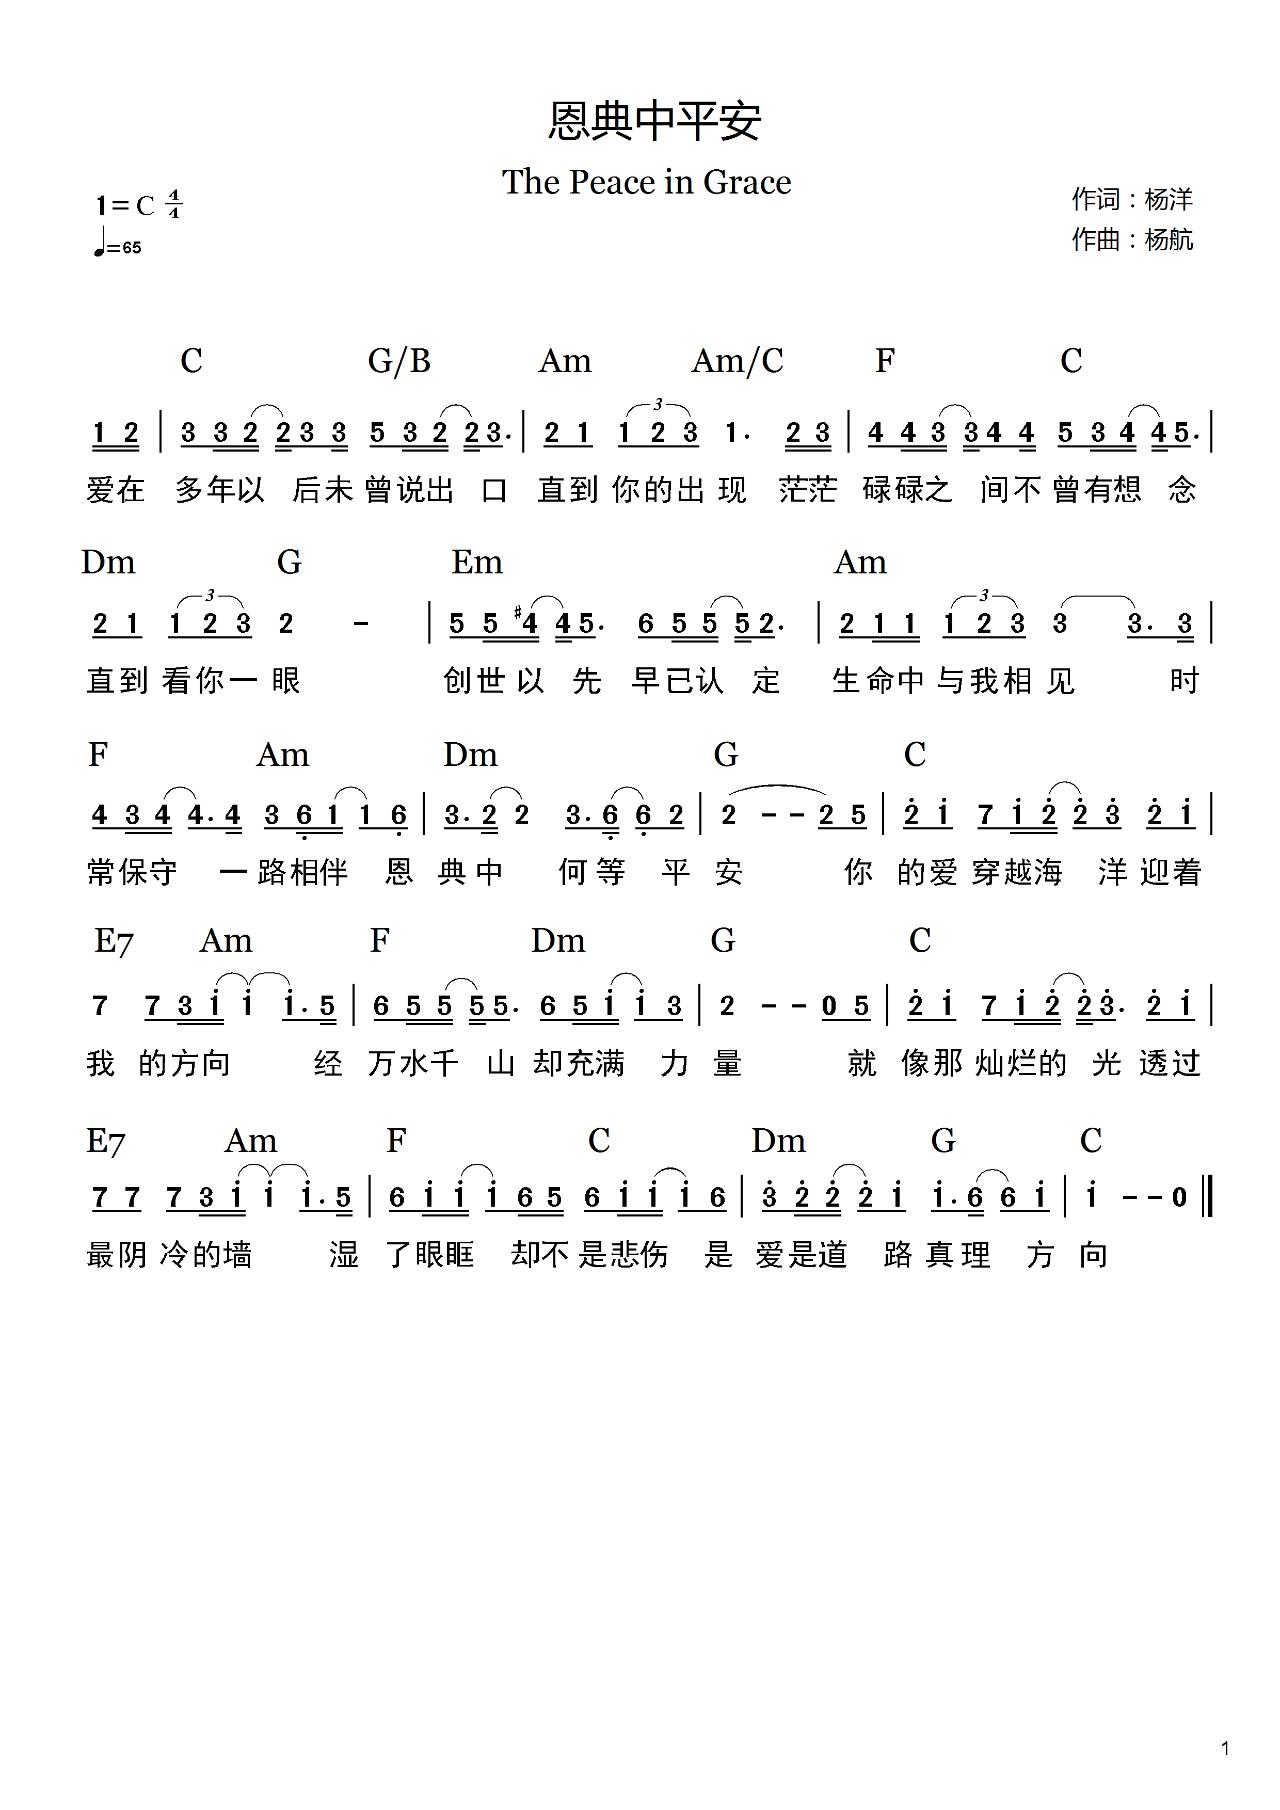 《恩典中平安 官方和弦简谱》